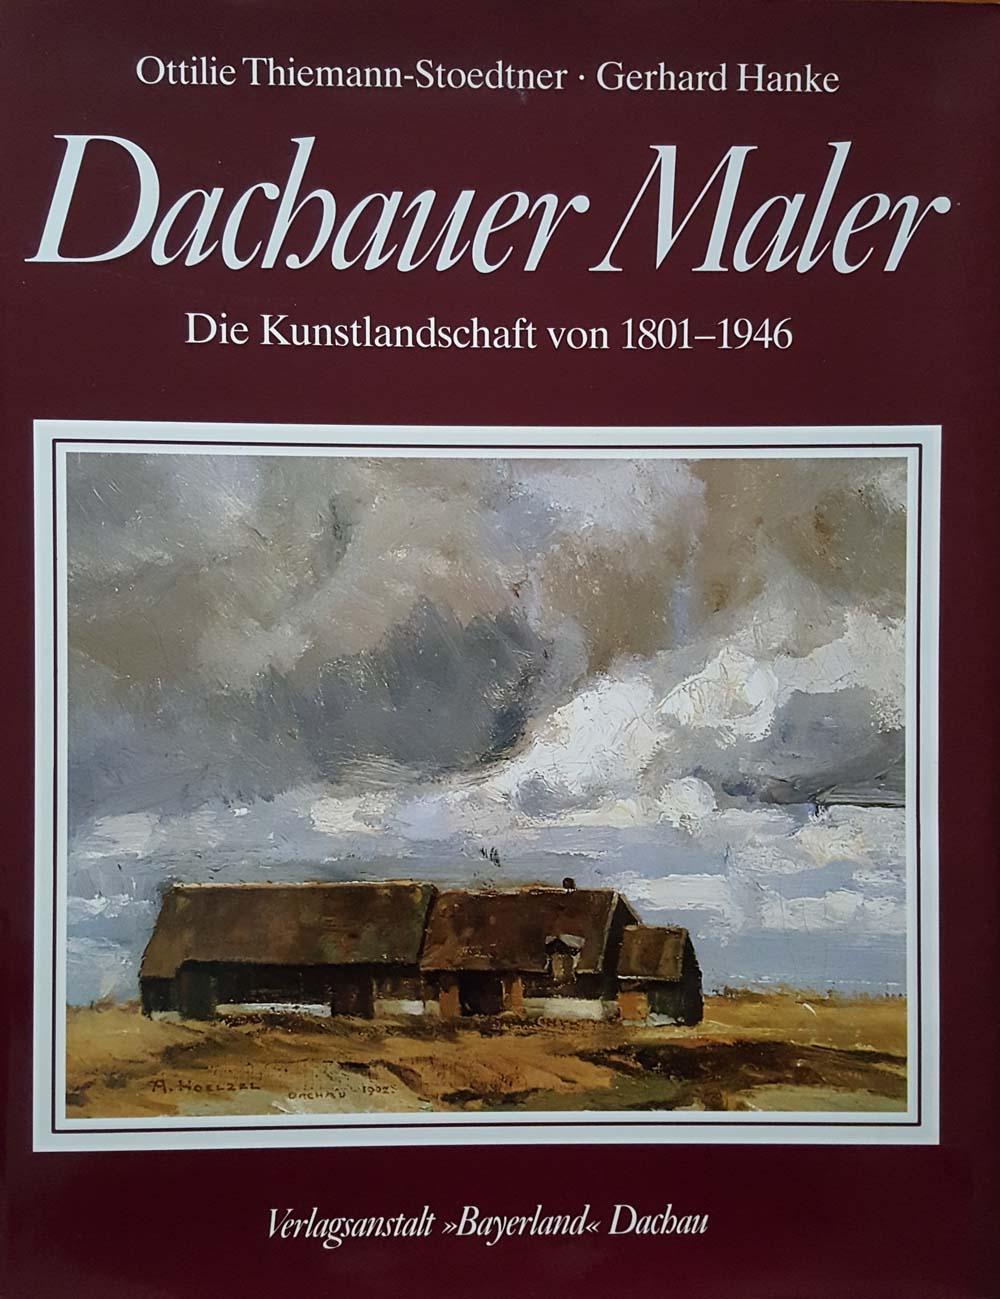 Dachauer Maler Die Kunstlandschaft von 1801 bis: Thiemann-Stoedtner, Ottilie, Gerhard